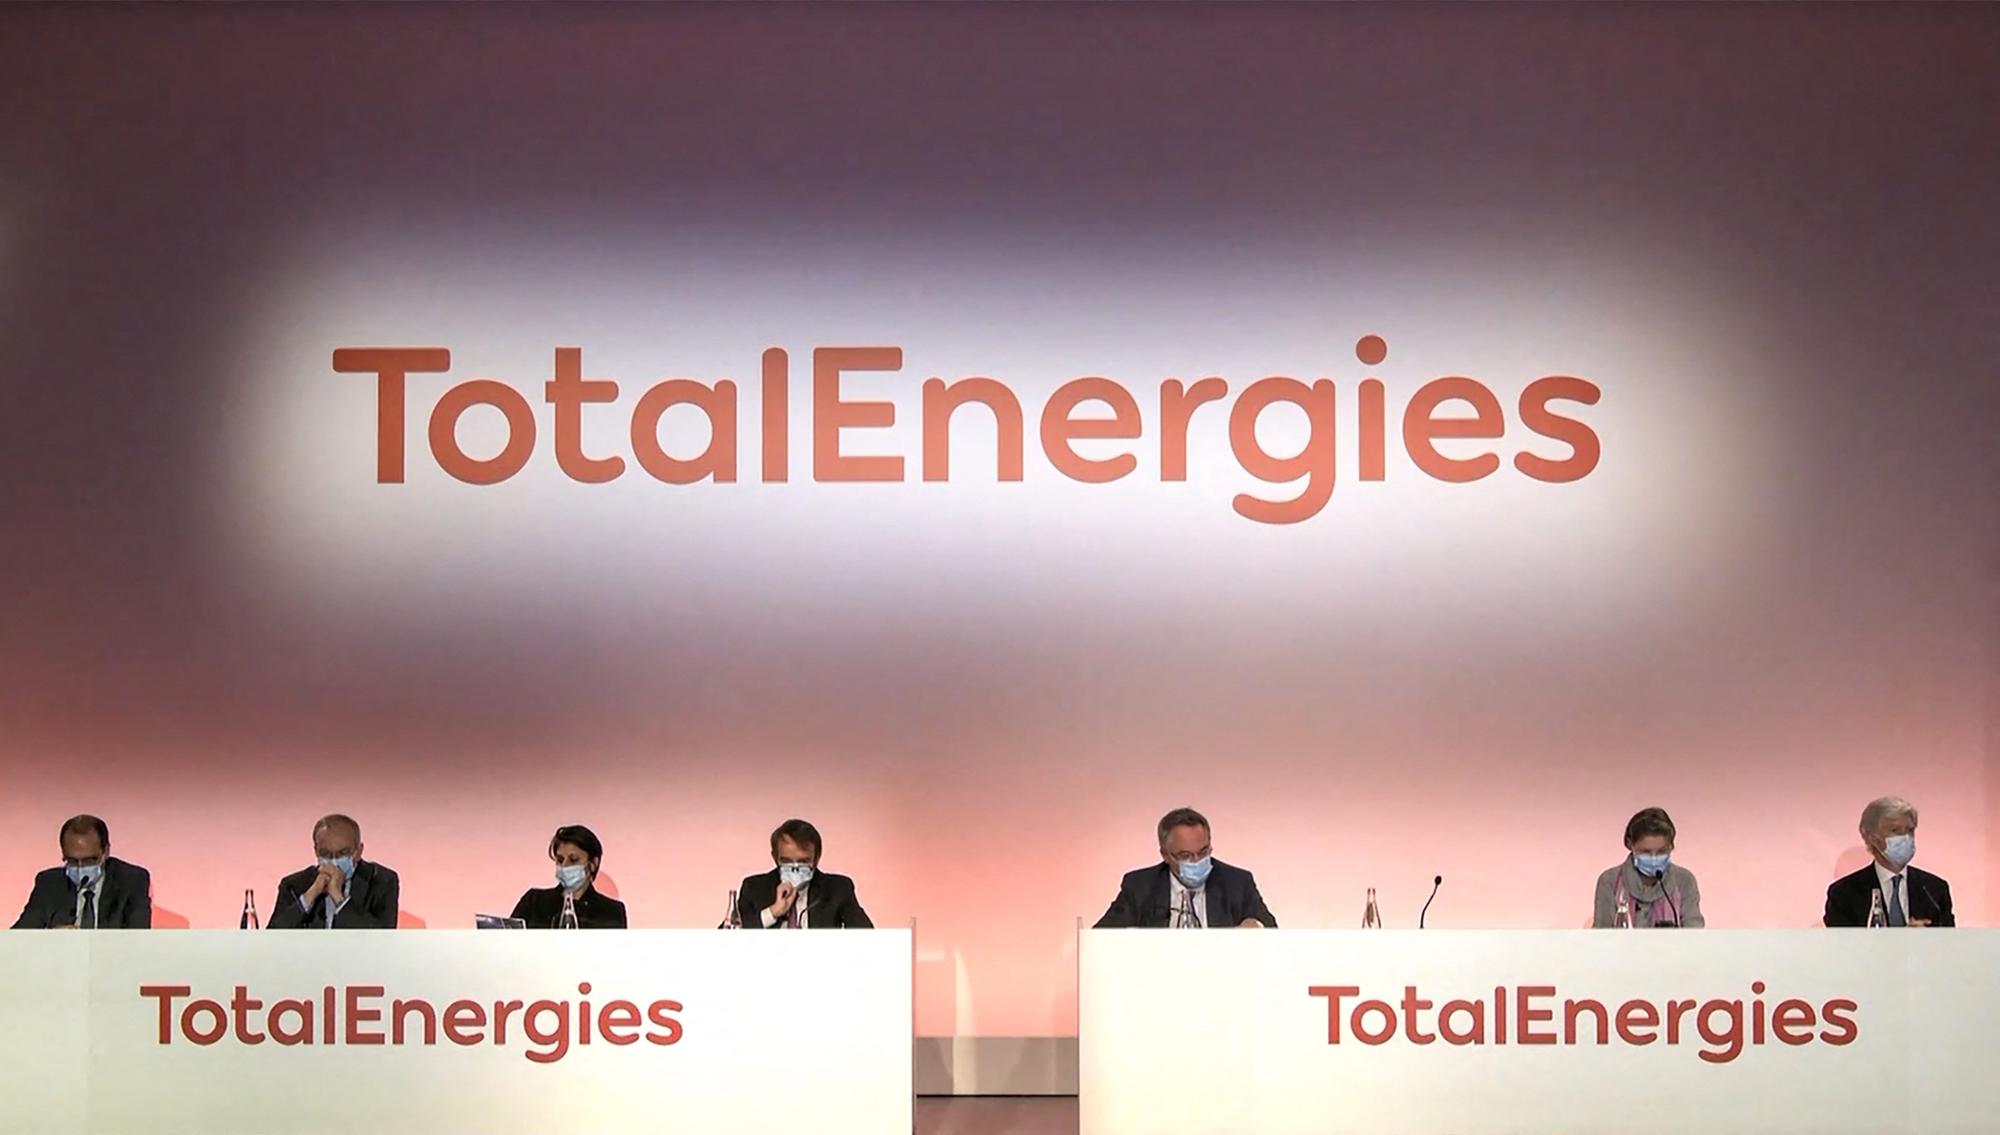 Total vire au vert et change de nom en devenant TotalEnergies - RTL.fr